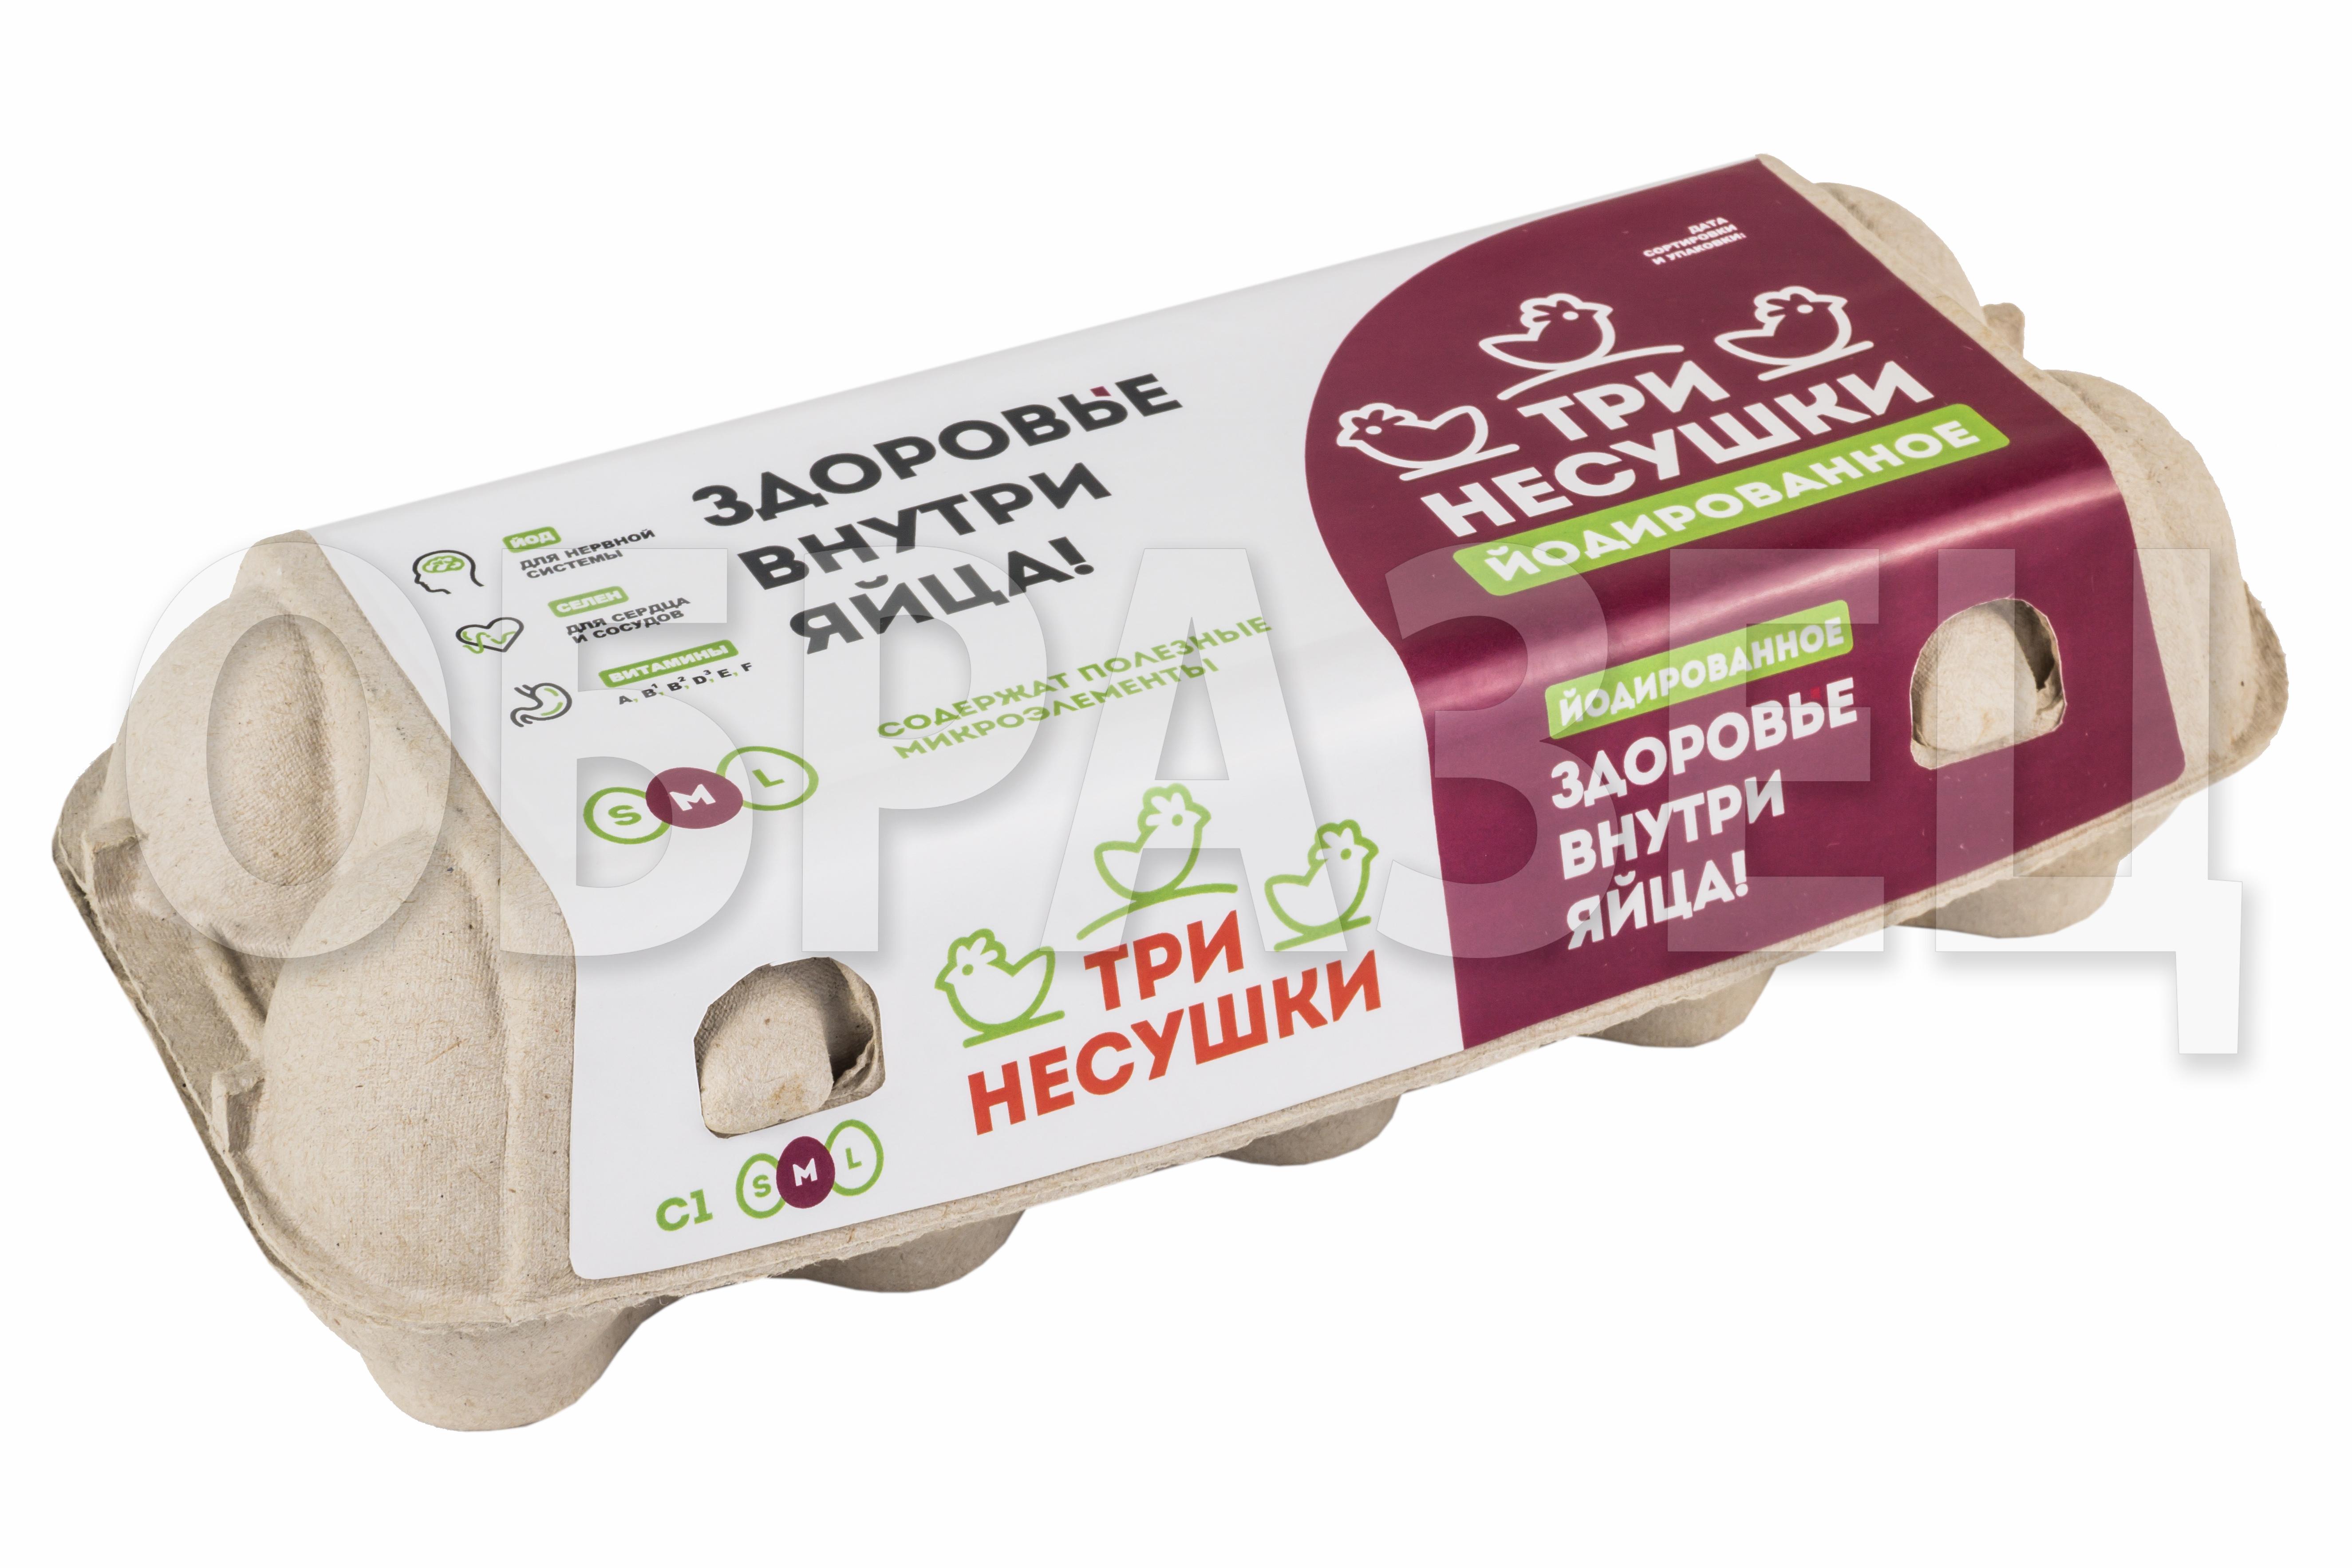 Яйцо ТРИ НЕСУШКИ С1Й Б10 (йодированное)